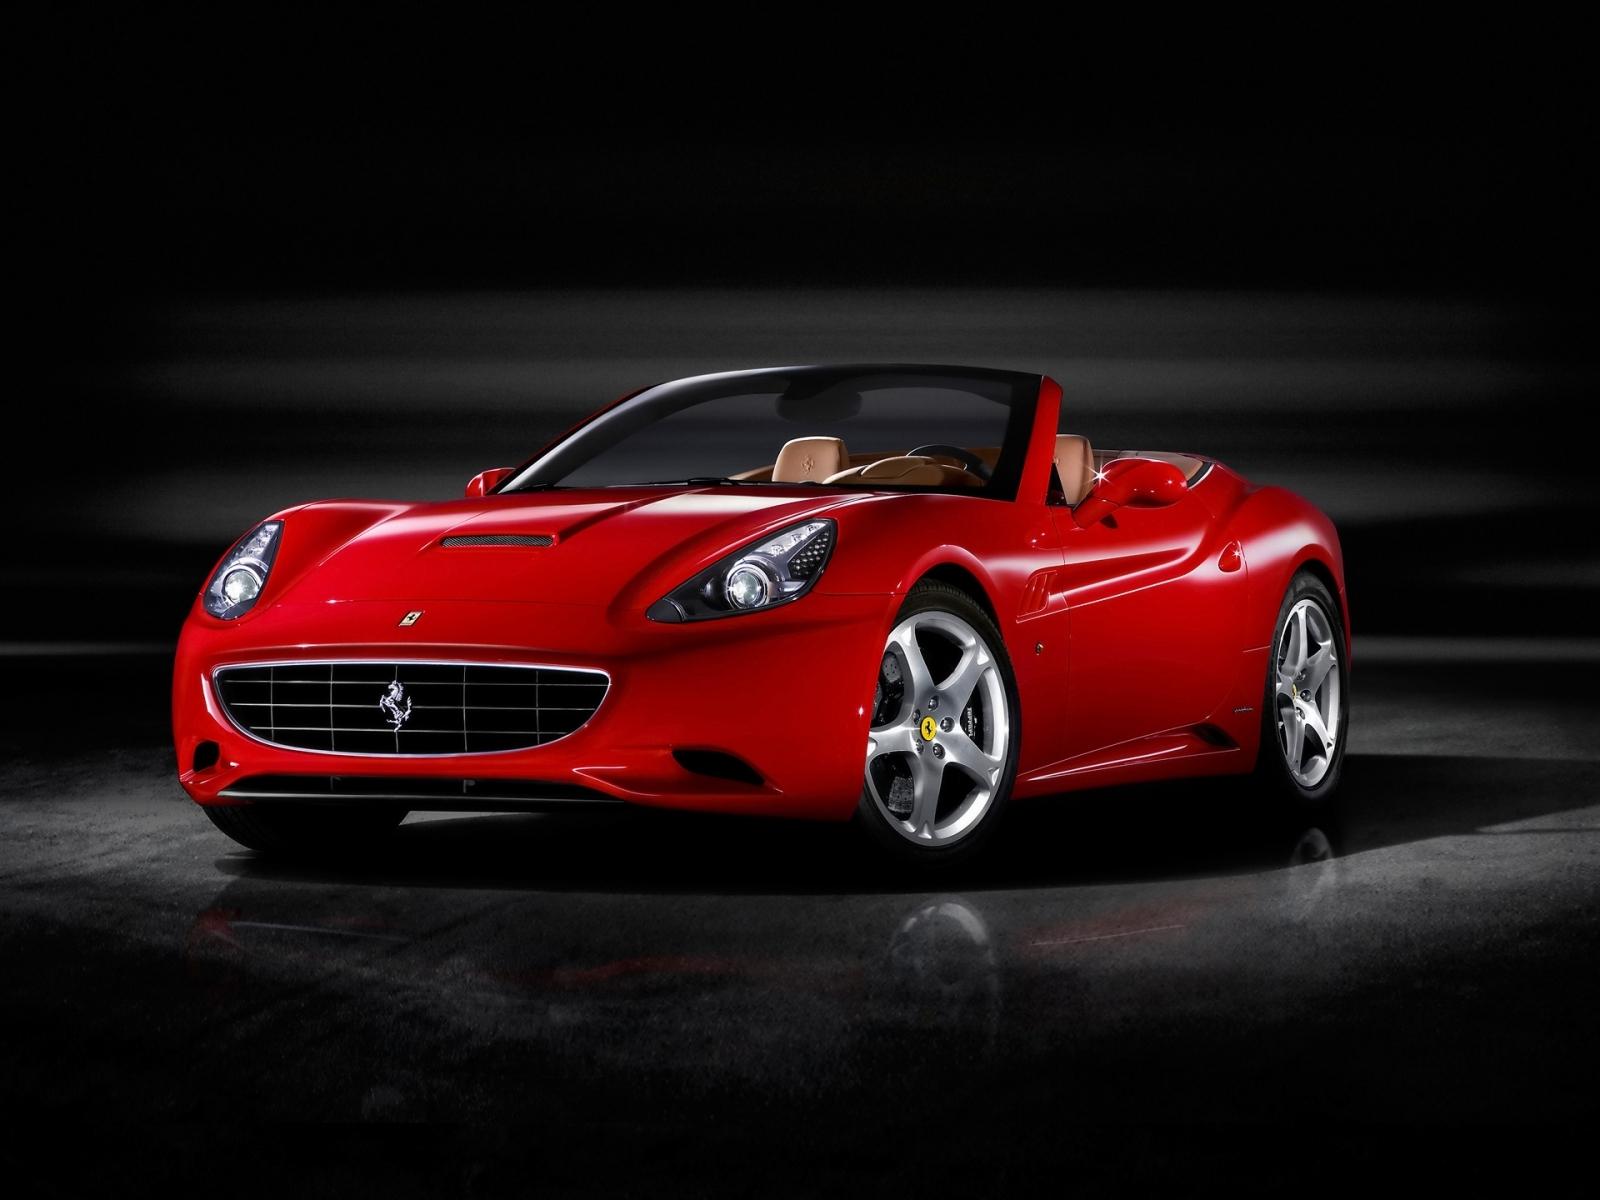 9199 скачать обои Транспорт, Машины, Феррари (Ferrari) - заставки и картинки бесплатно